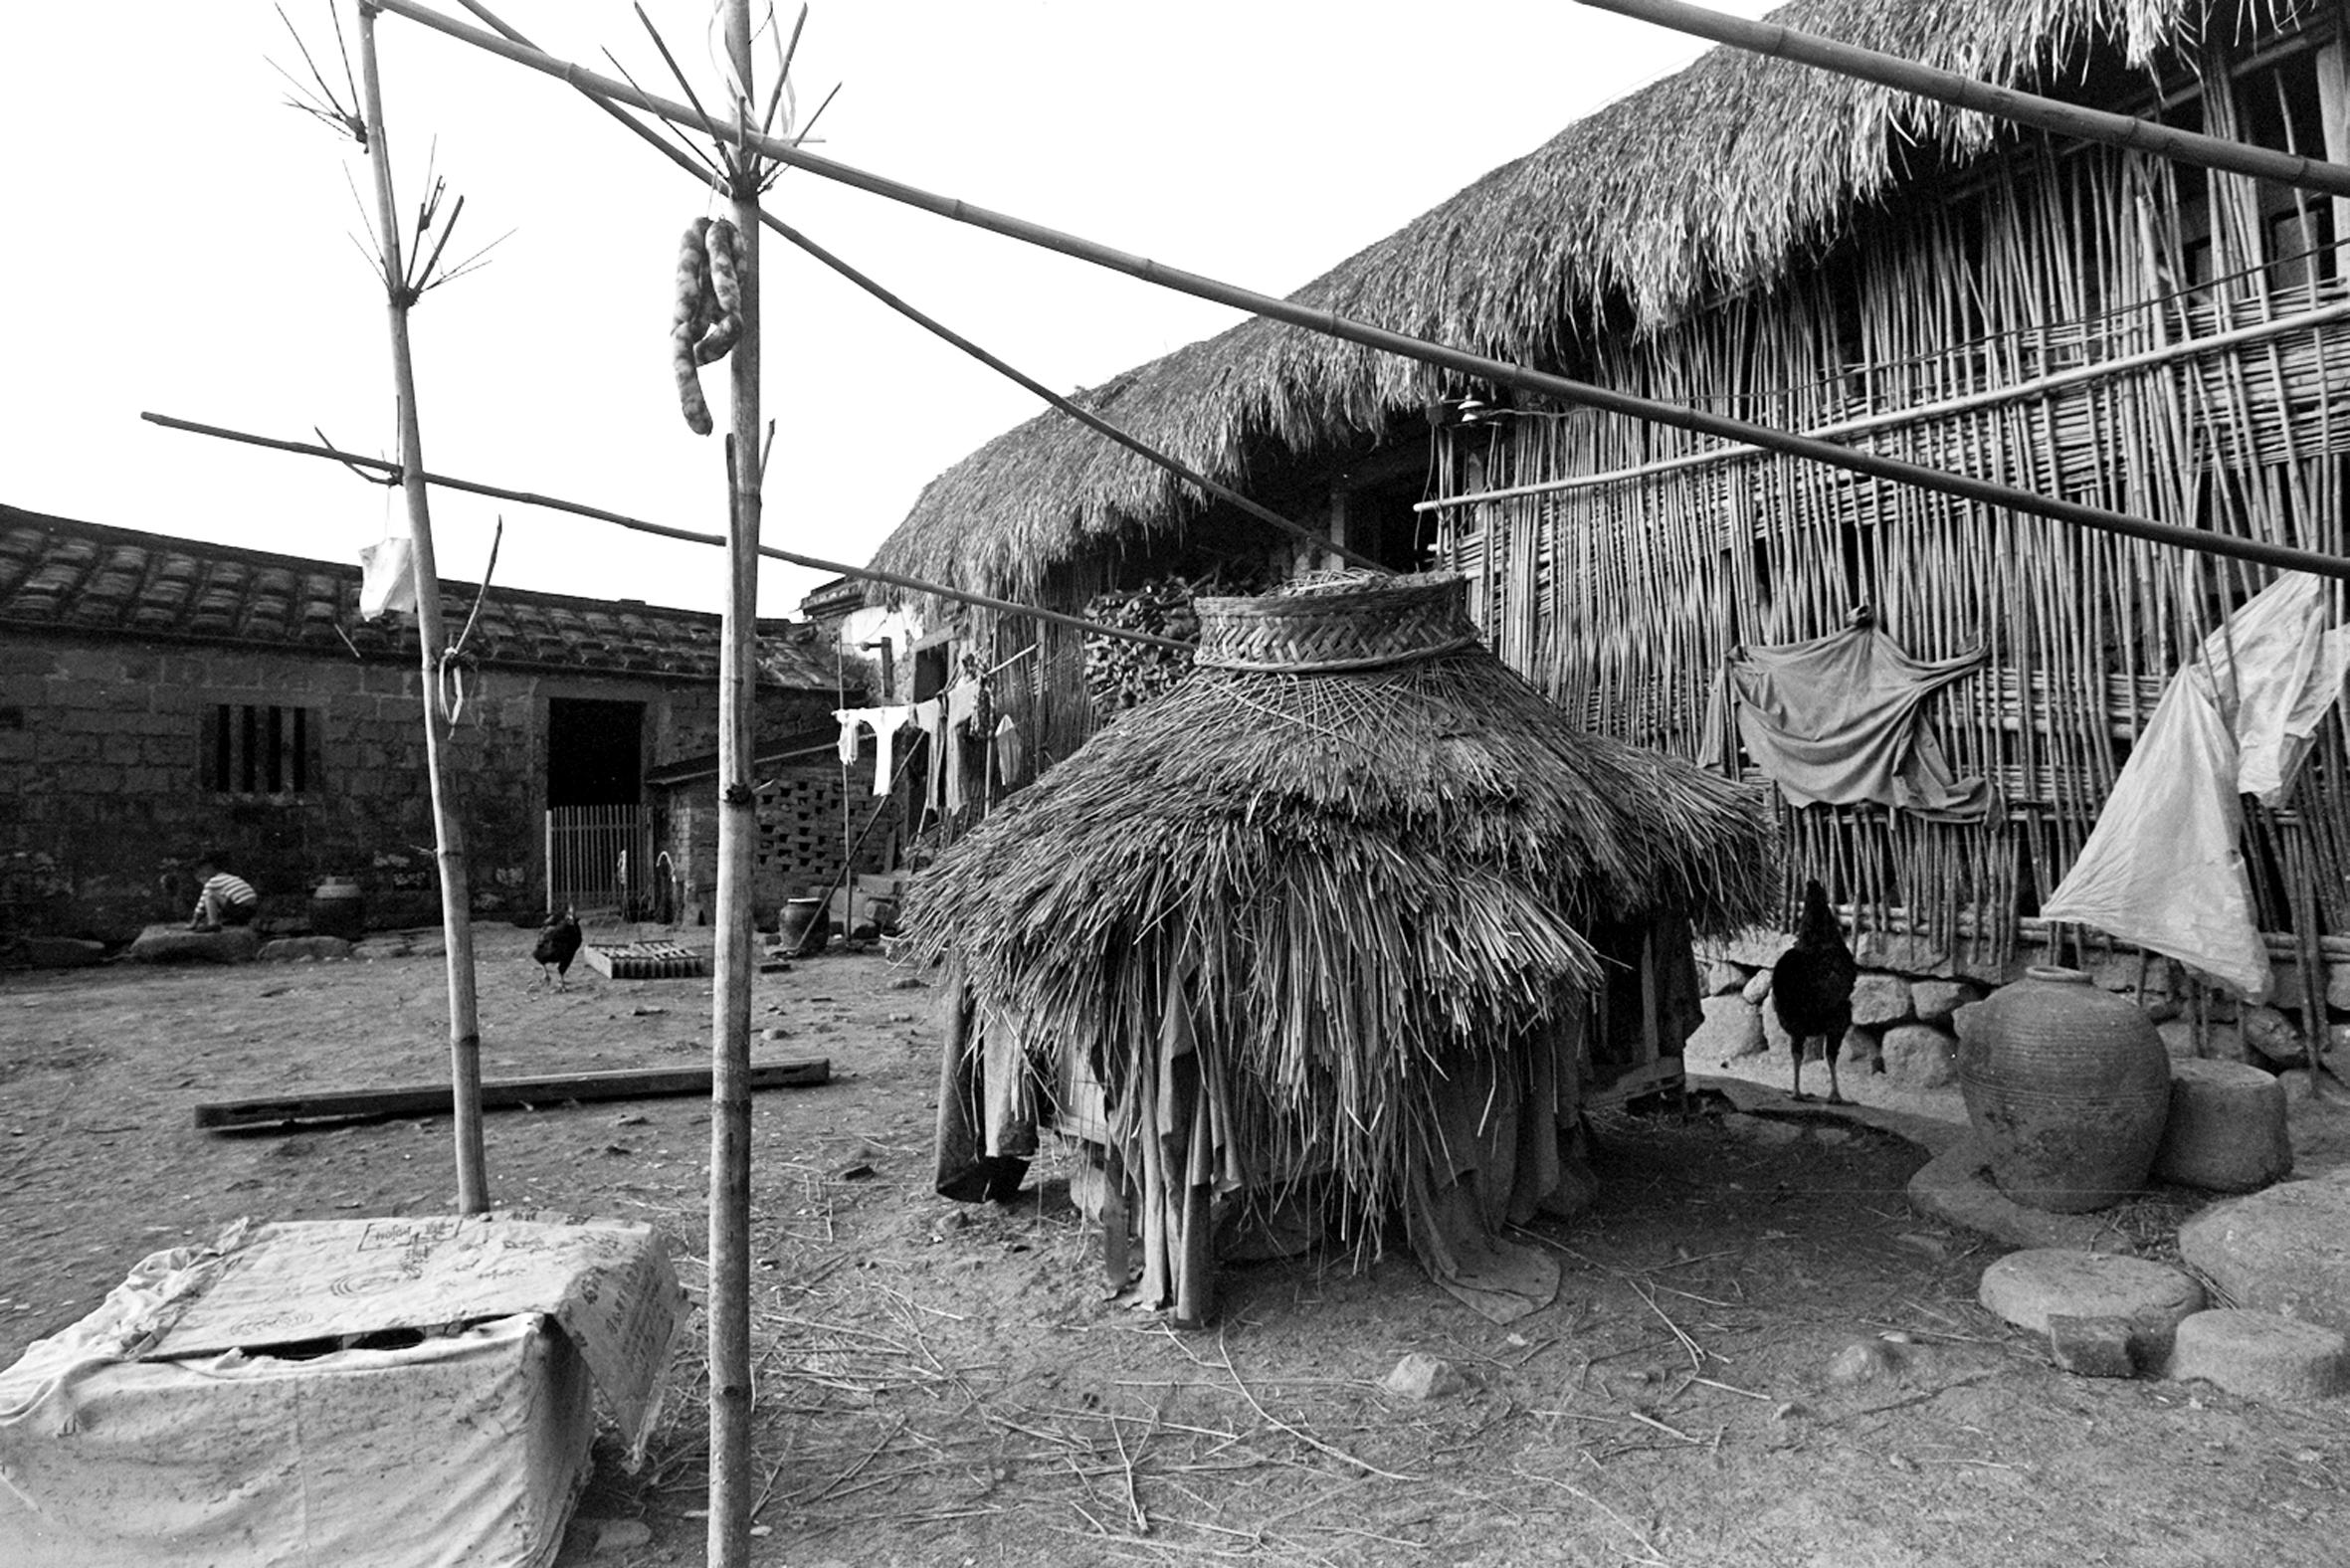 雞舍鴨寮茅草屋(水源地) 1972.2.16